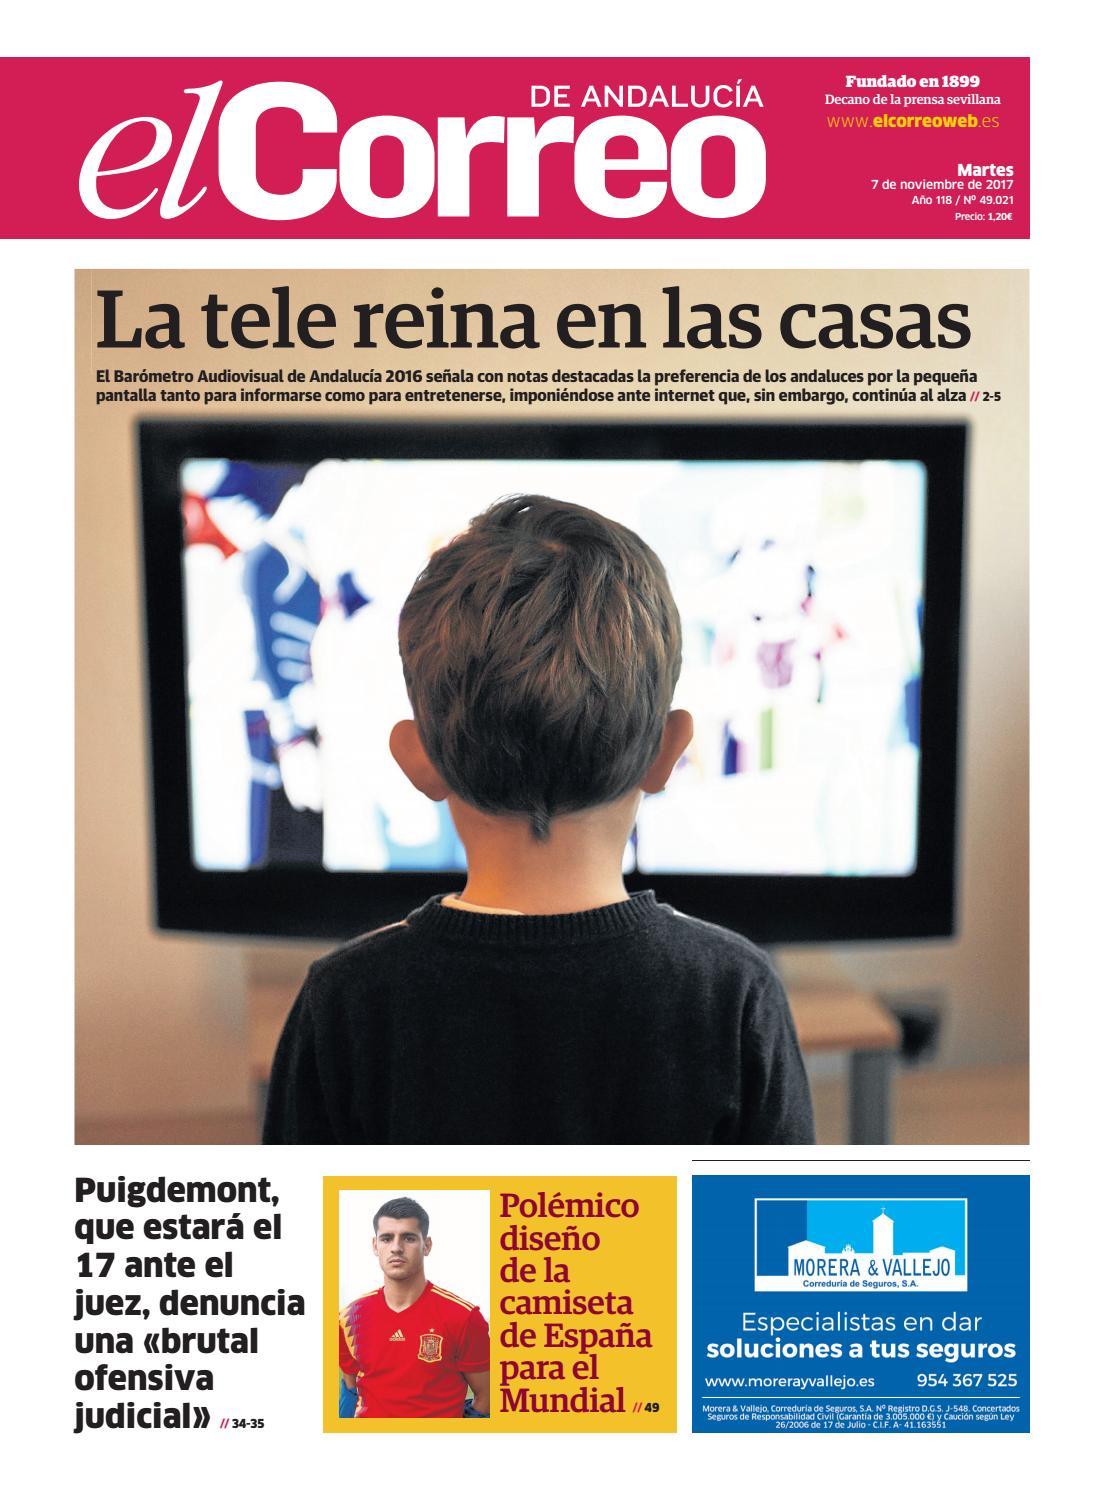 07.11.2017 El Correo de Andalucía by EL CORREO DE ANDALUCÍA S.L. - issuu c29c9bbeefc